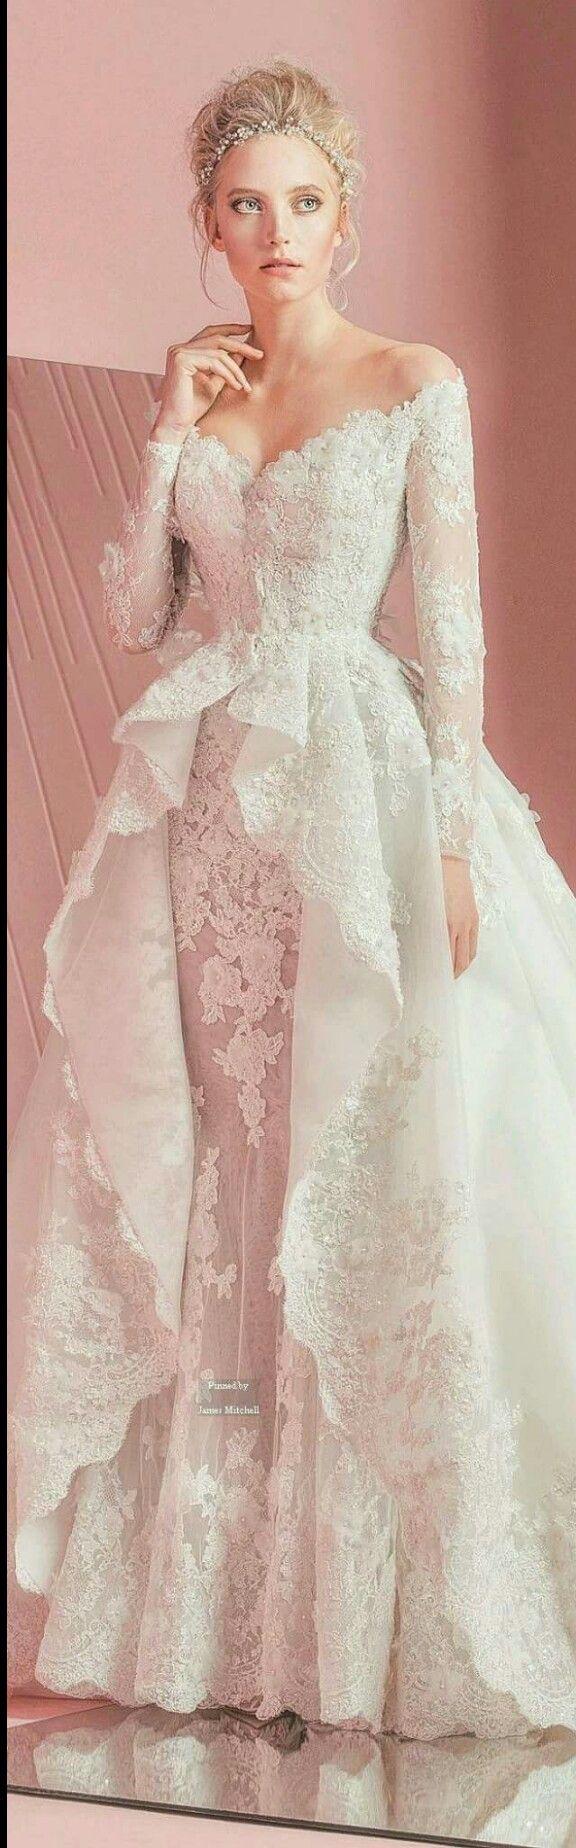 Encantador Vestidos De Novia En Minneapolis Imagen - Colección de ...